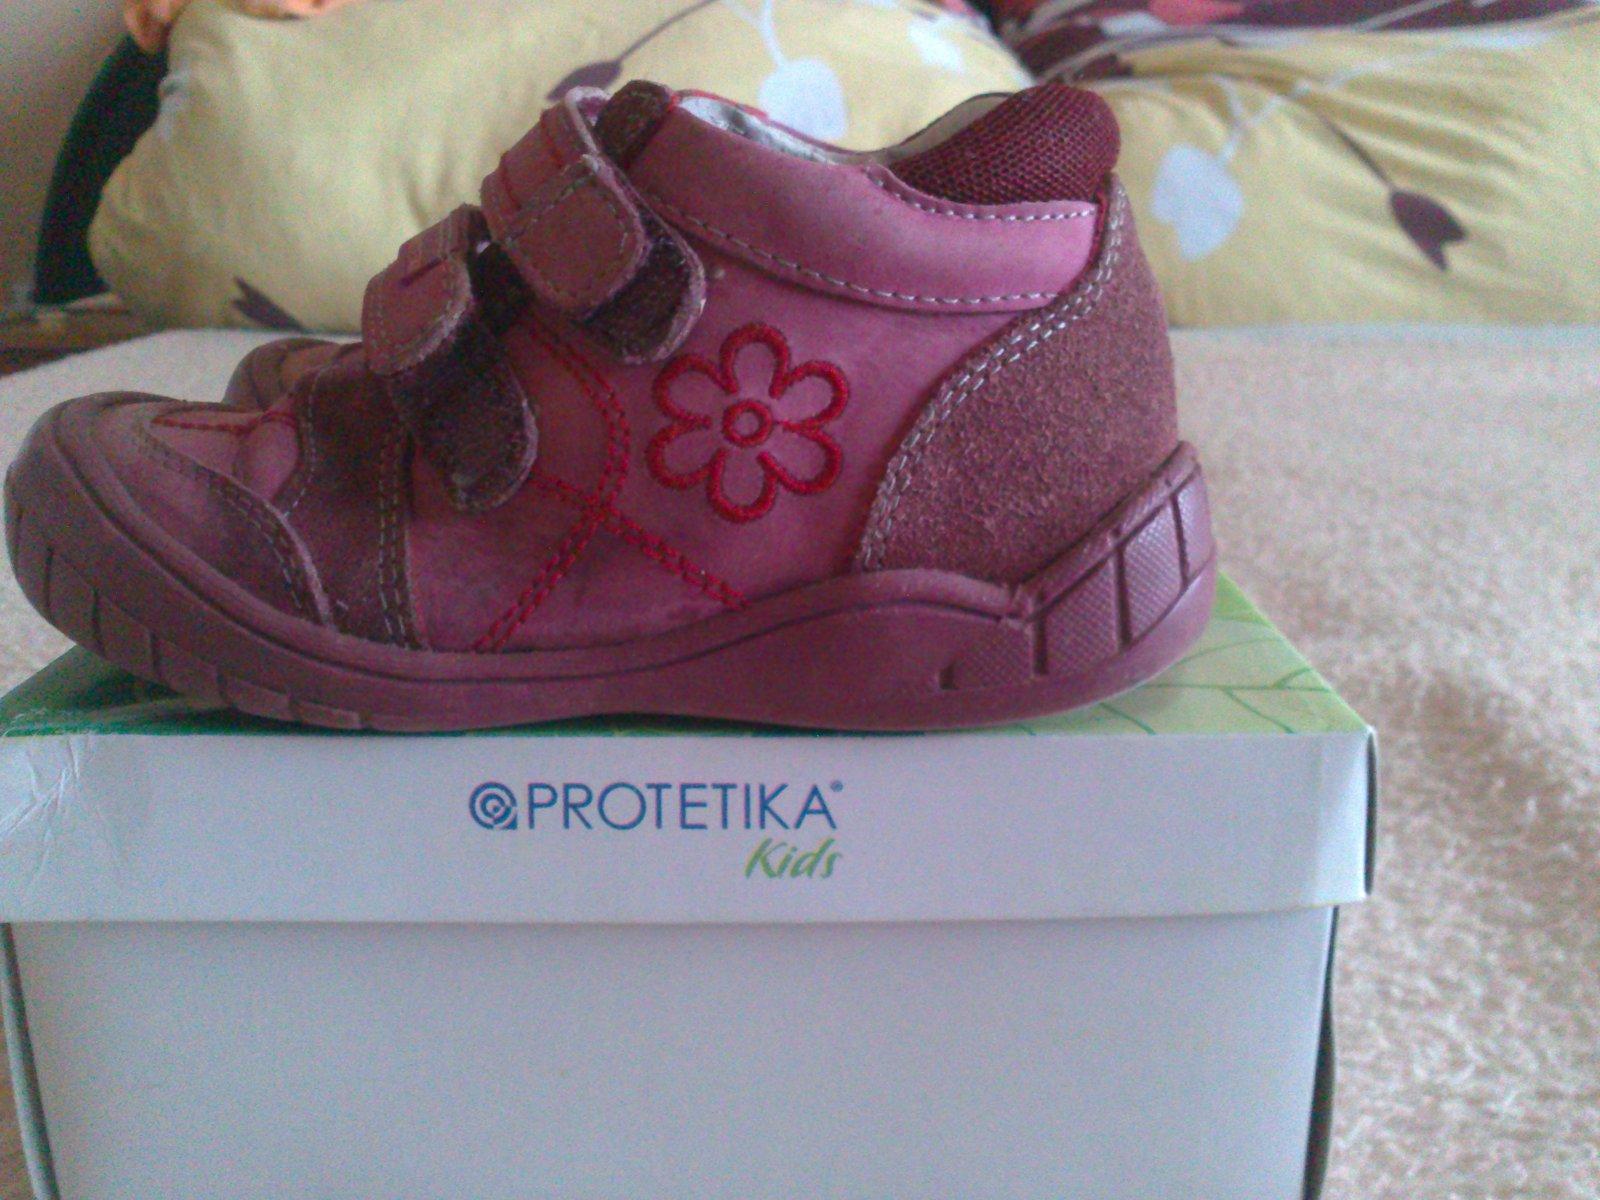 e6036dc95 Prechodné topánky, protetika,26 - 12 € od predávajúcej elina28 | Detský  bazár | ModryKonik.sk